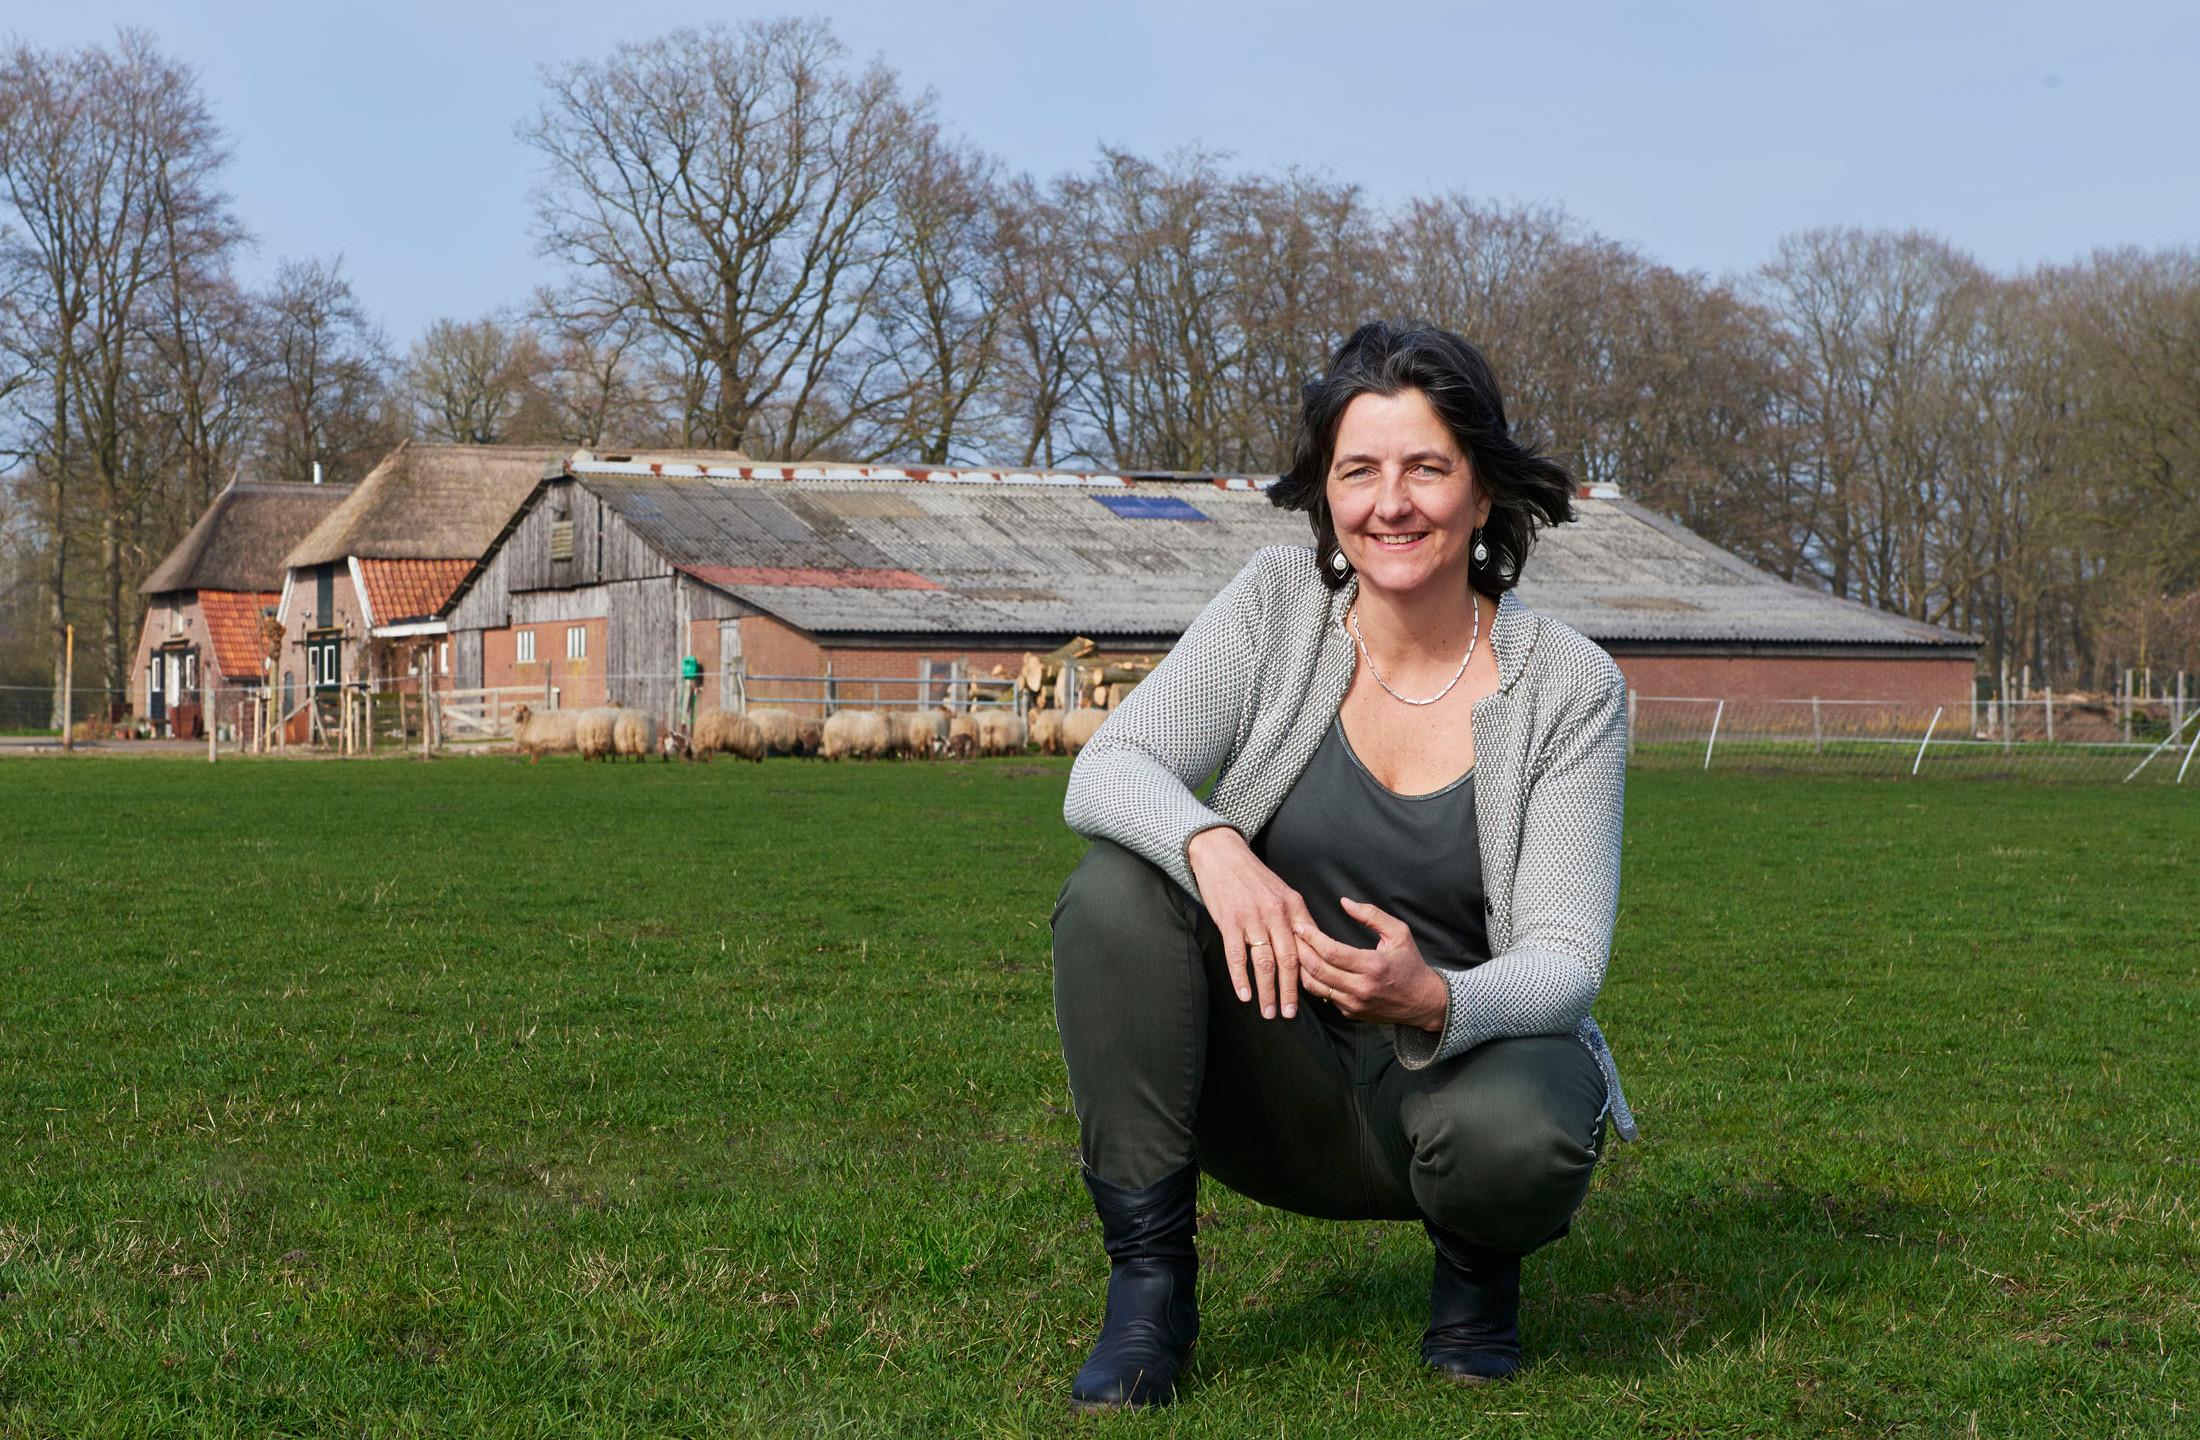 Portret van coach Paulien Boverhof van BoerenVragen met in de achtergrond een boerderij